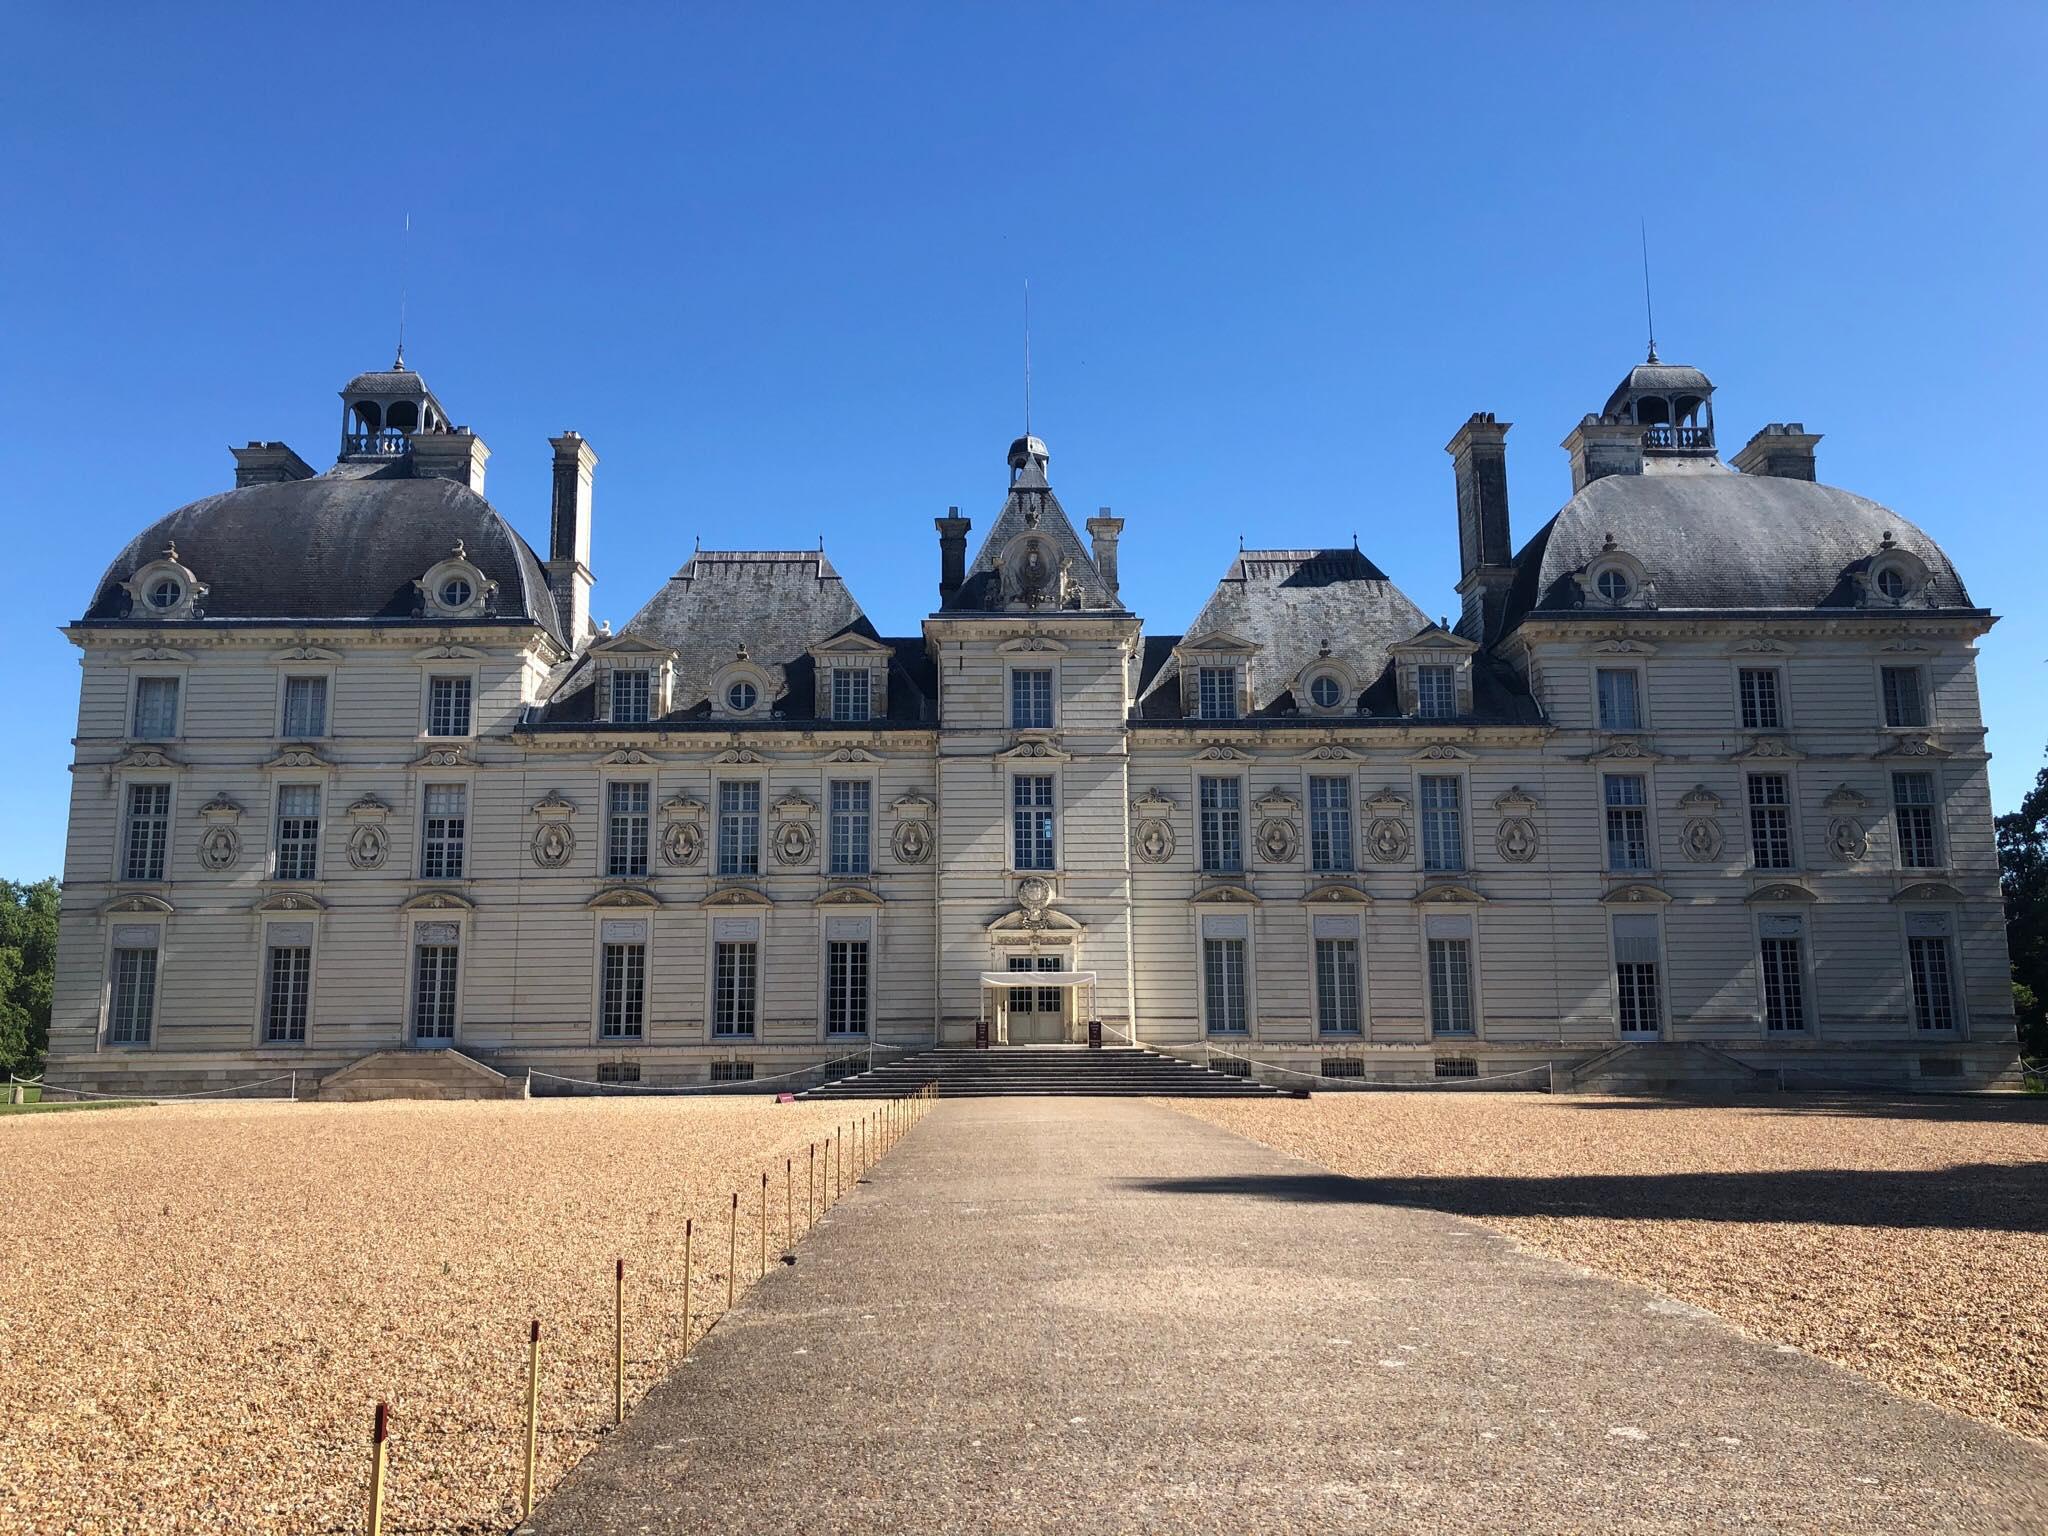 Célèbre grâce aux aventures de Tintin, héros du dessinateur Hergé (C) Château de Cheverny